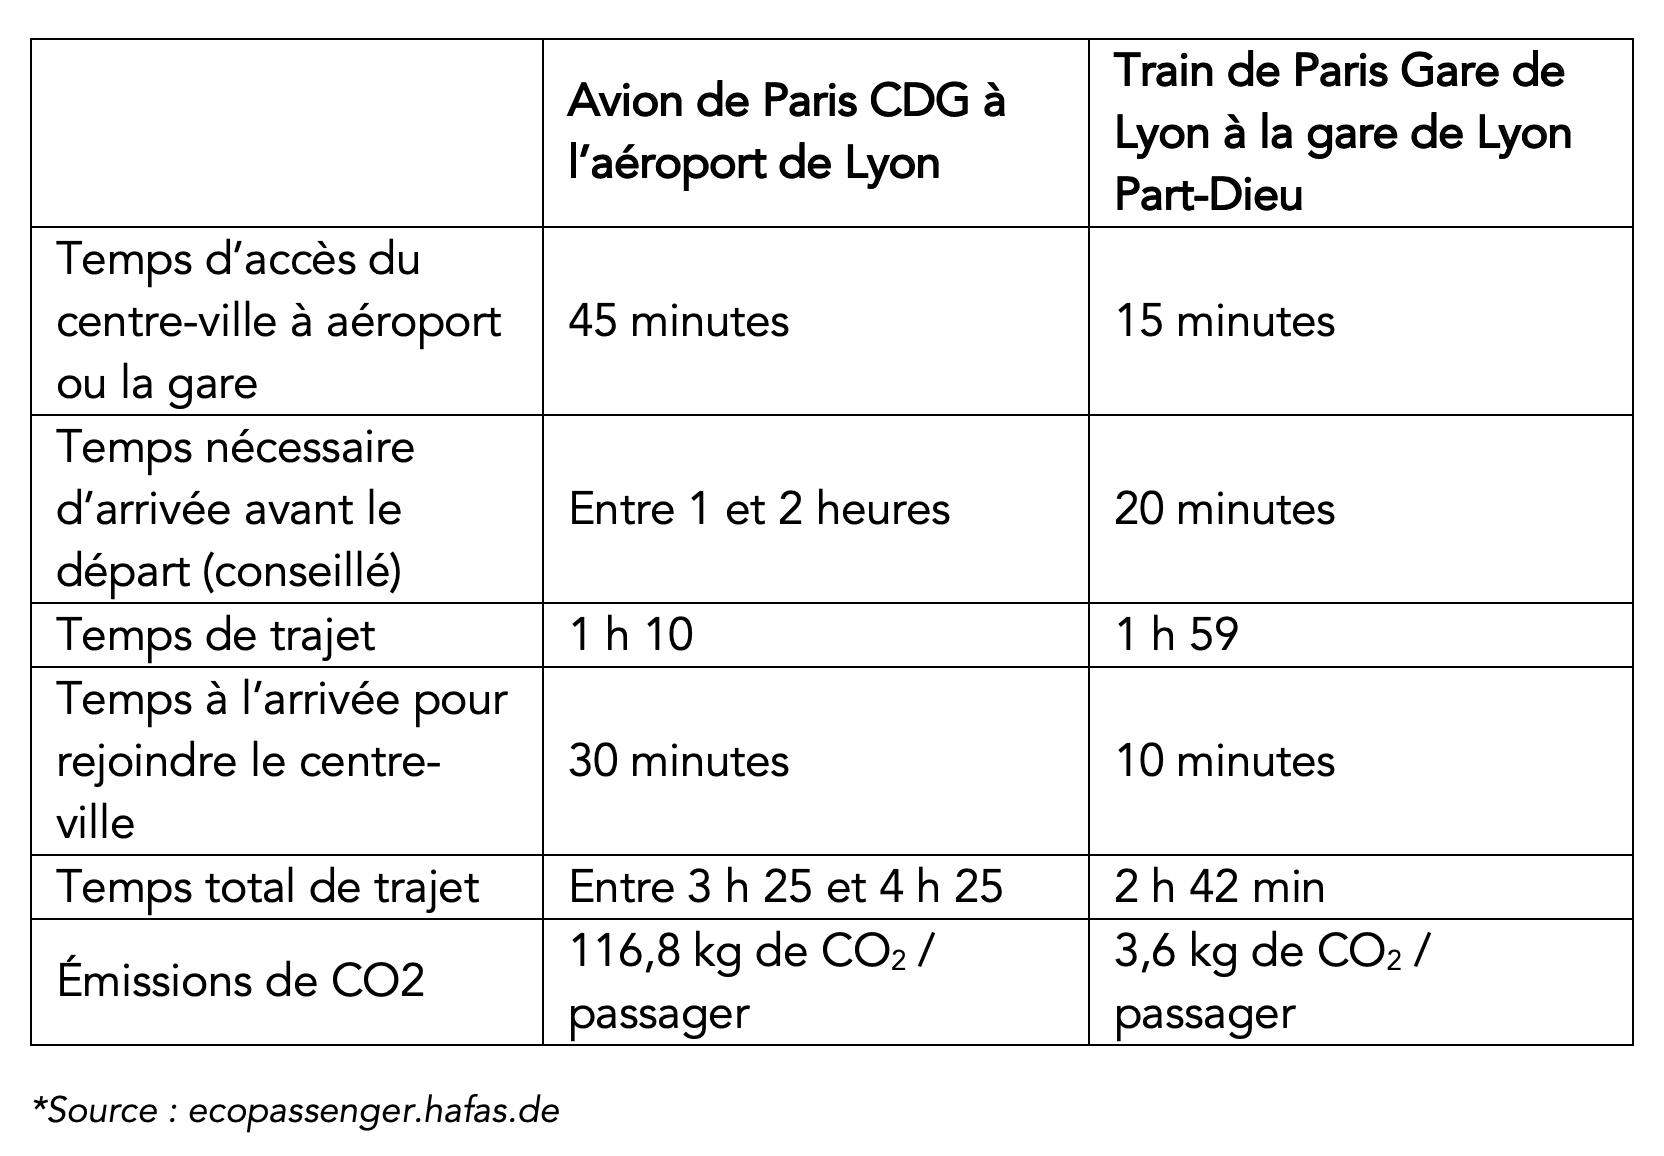 voyage-paris-lyon-comparaison-avion-train